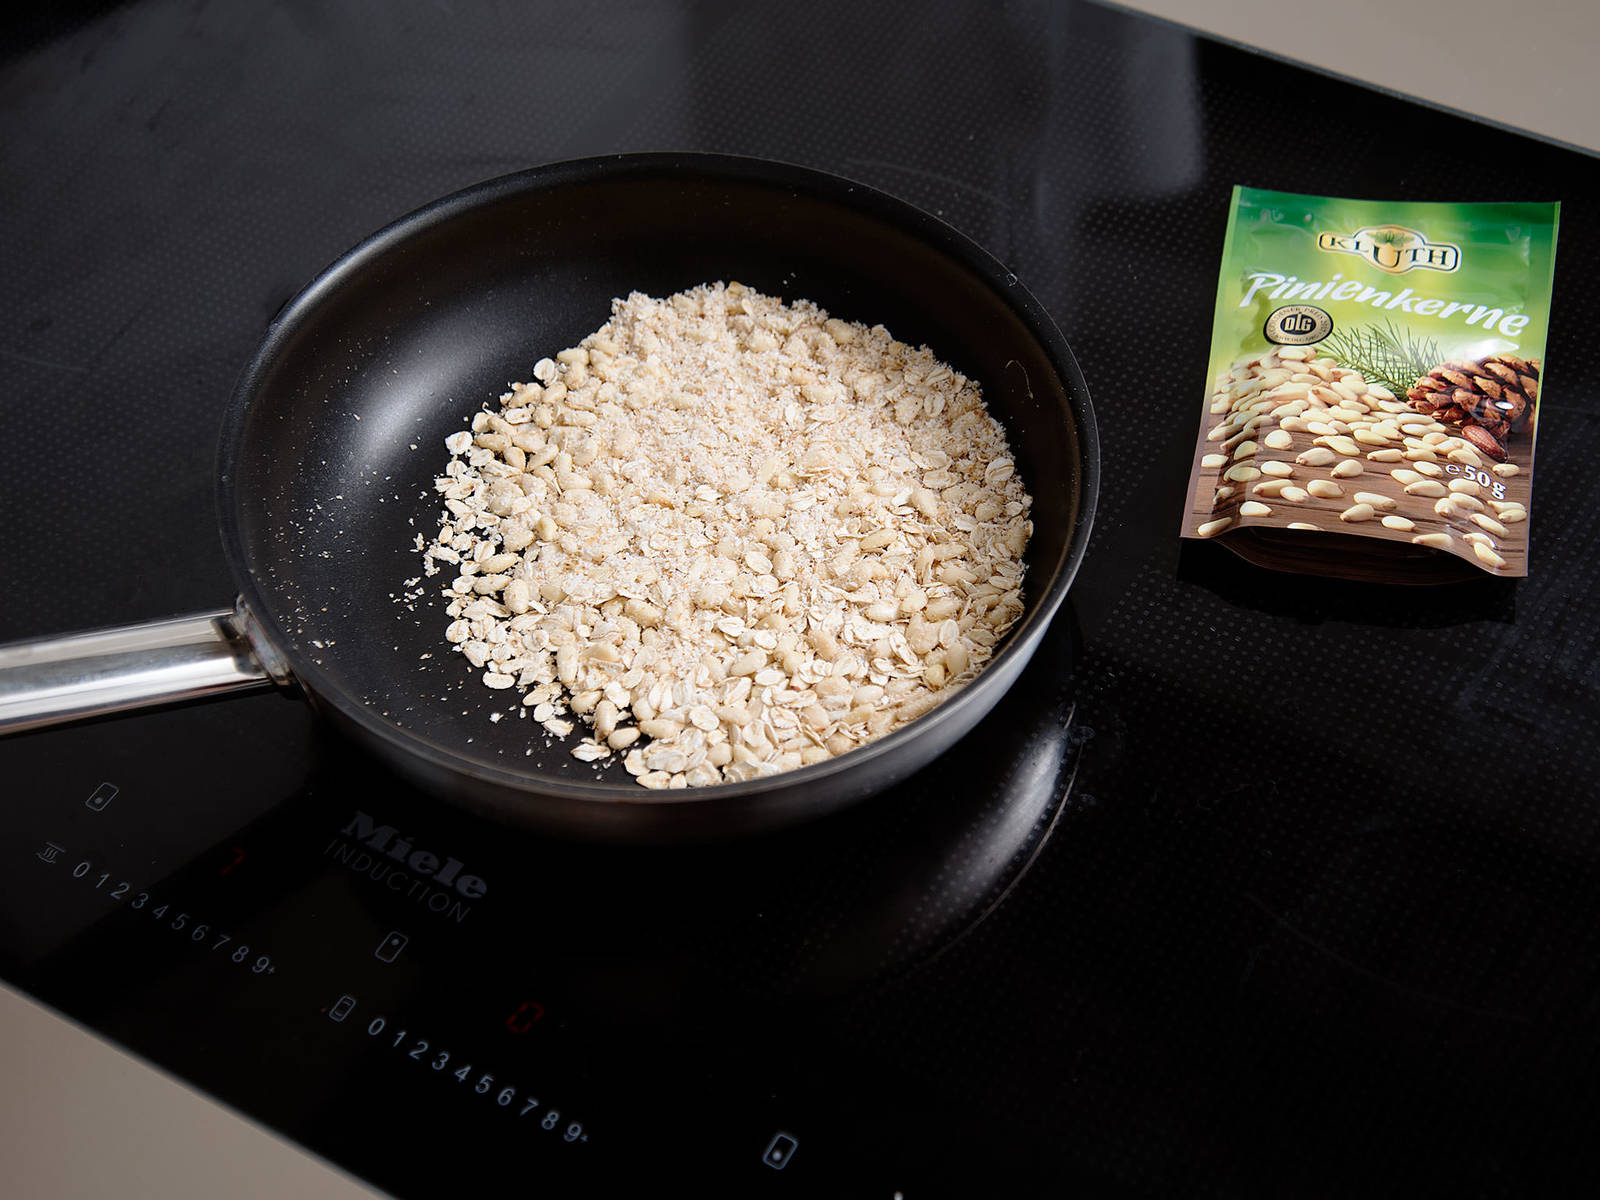 在一个煎锅中,将松子、燕麦片和椰子片烘烤成金棕色。倒入黄油和枫糖浆。小火煎,并充分搅拌所有食材。关火取下,放凉。